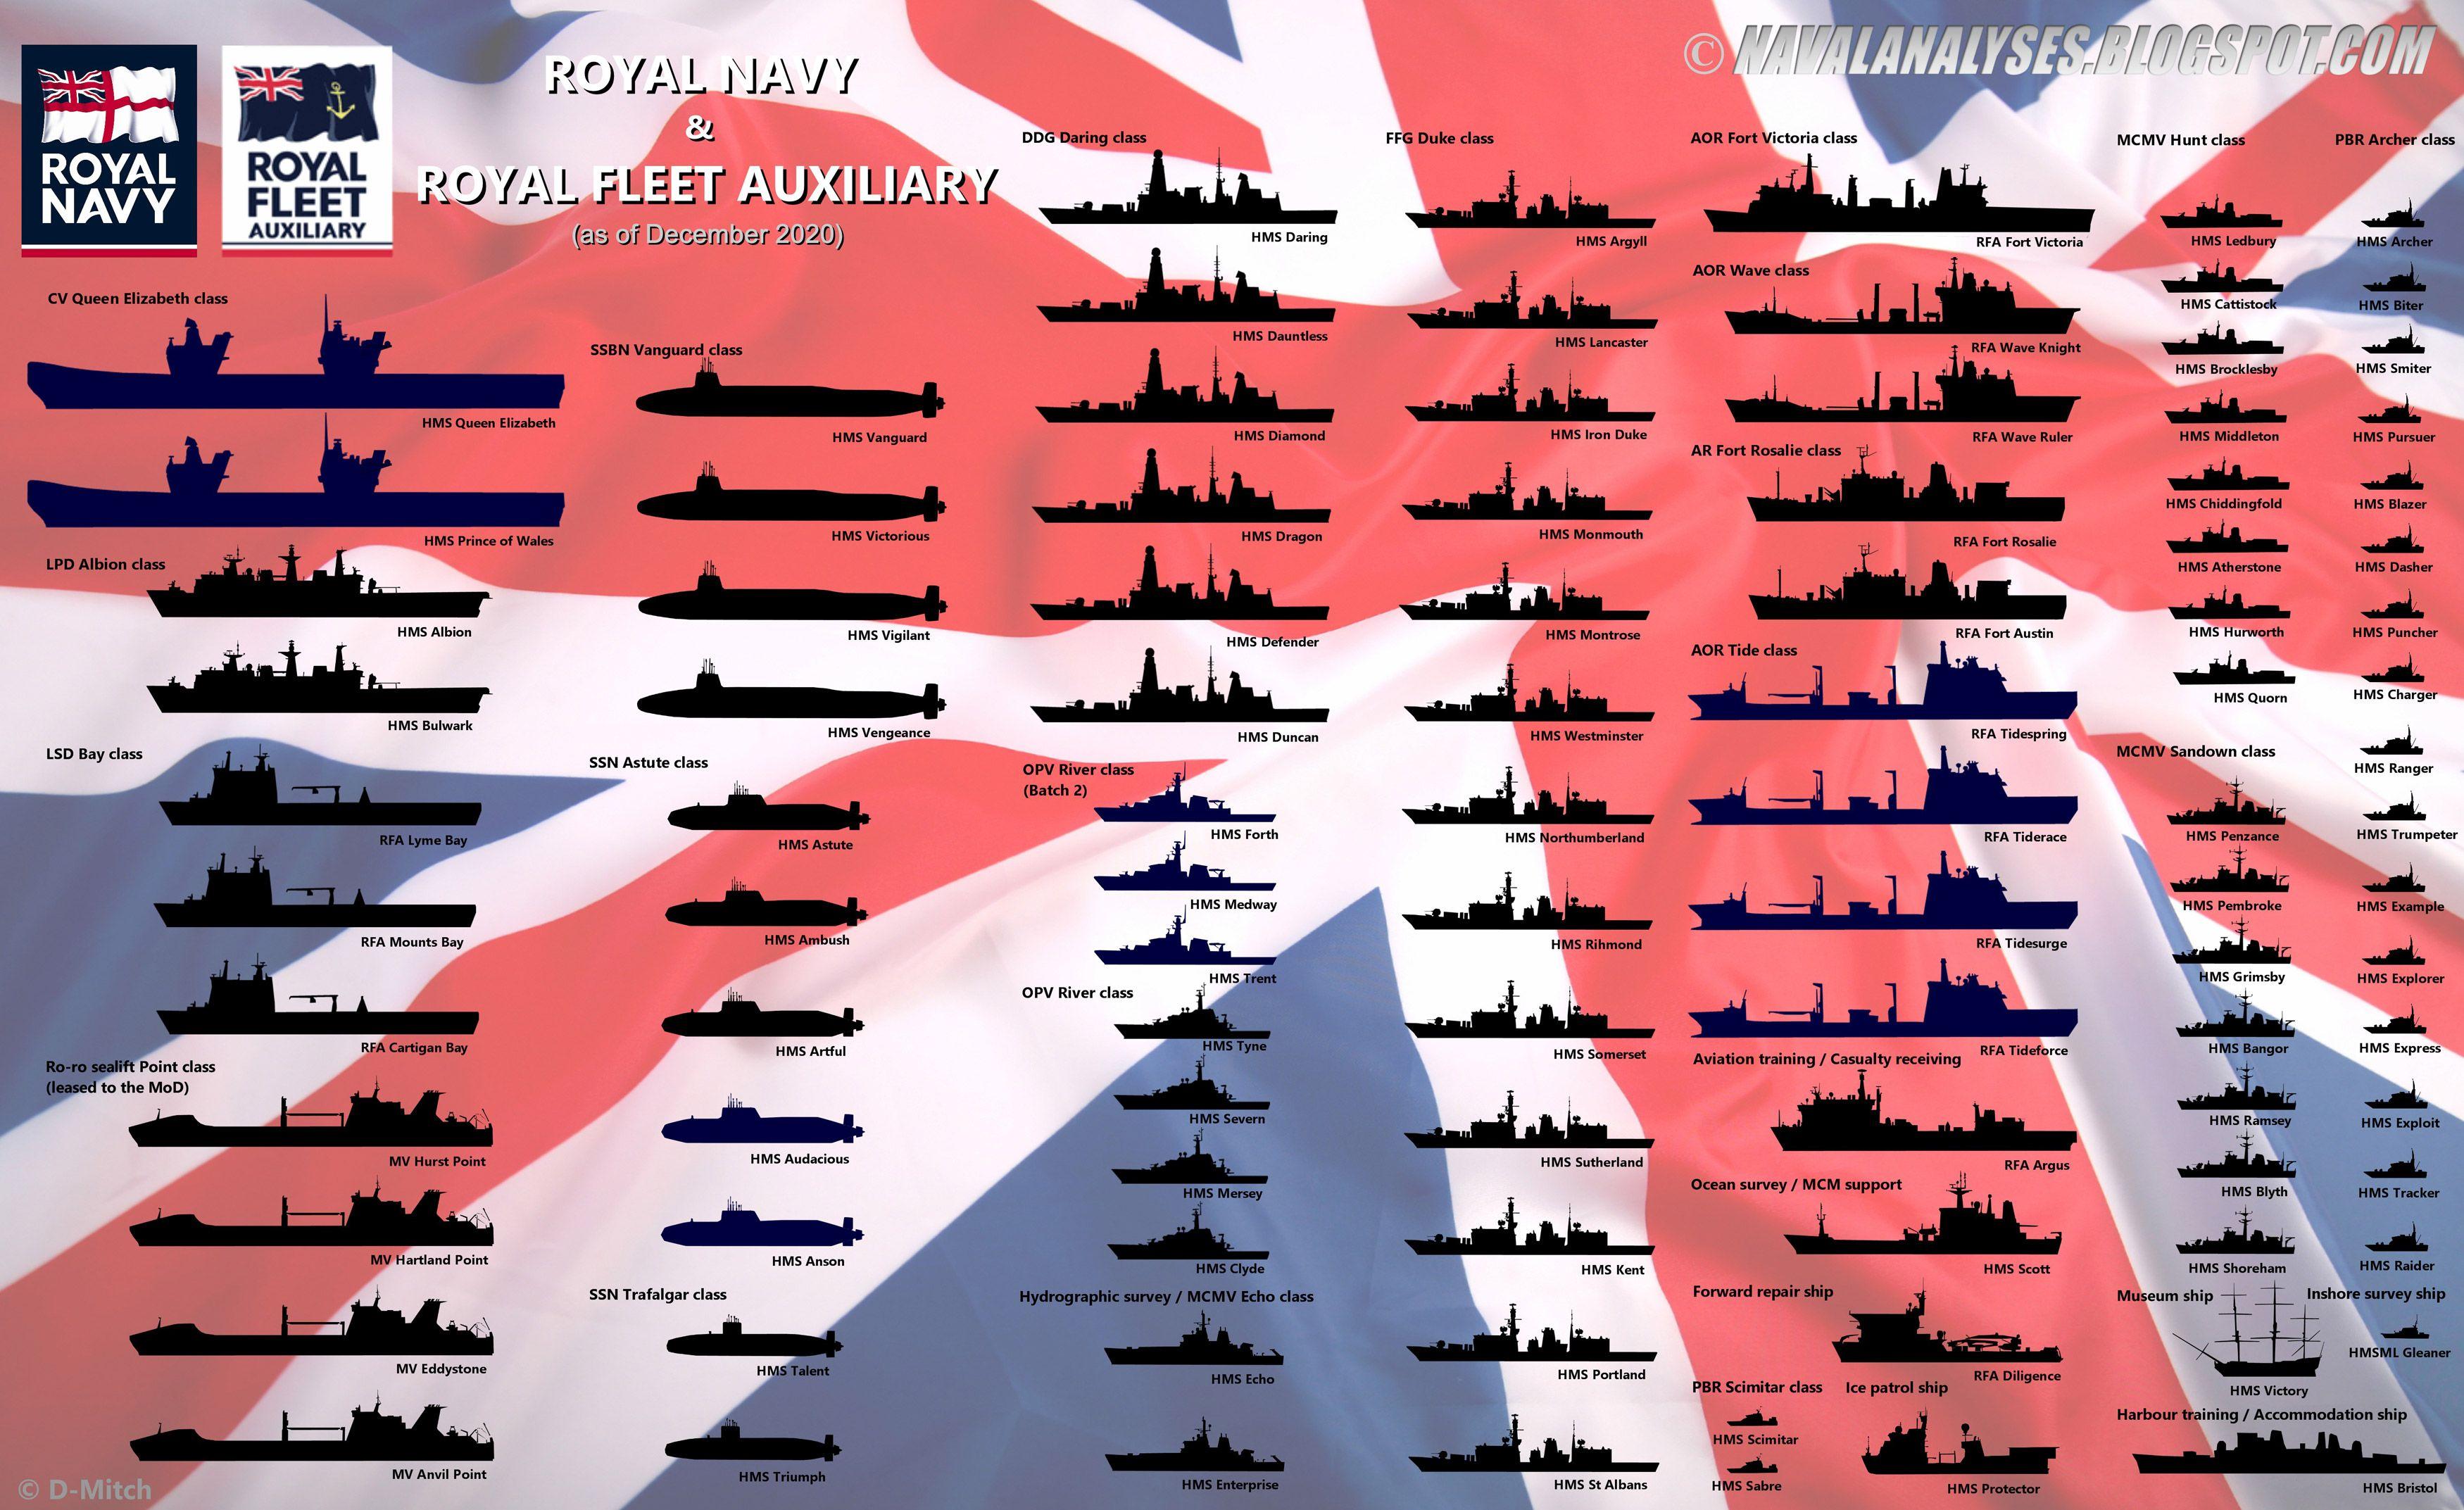 Approximate Royal Navy Rfa Orbat 2020 Royal Navy Ships Royal Navy Navy Ships